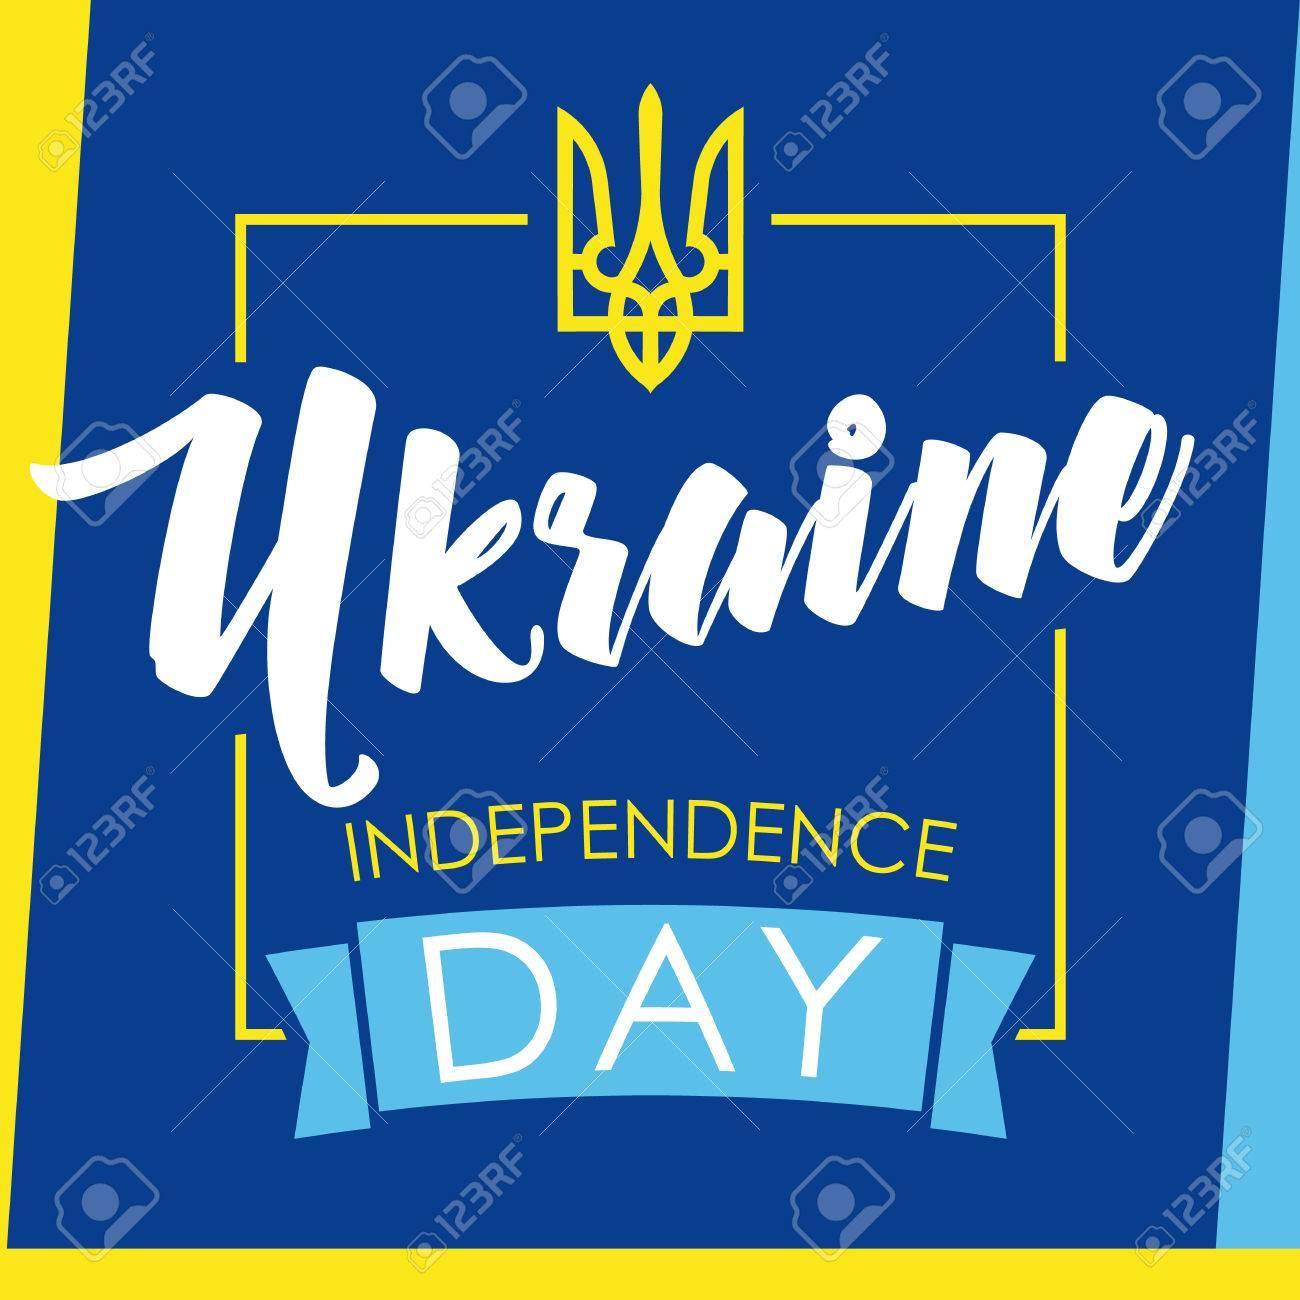 Ukraine Independence Day Grußkarte Blau Gefärbt. Independence Day 24 ...